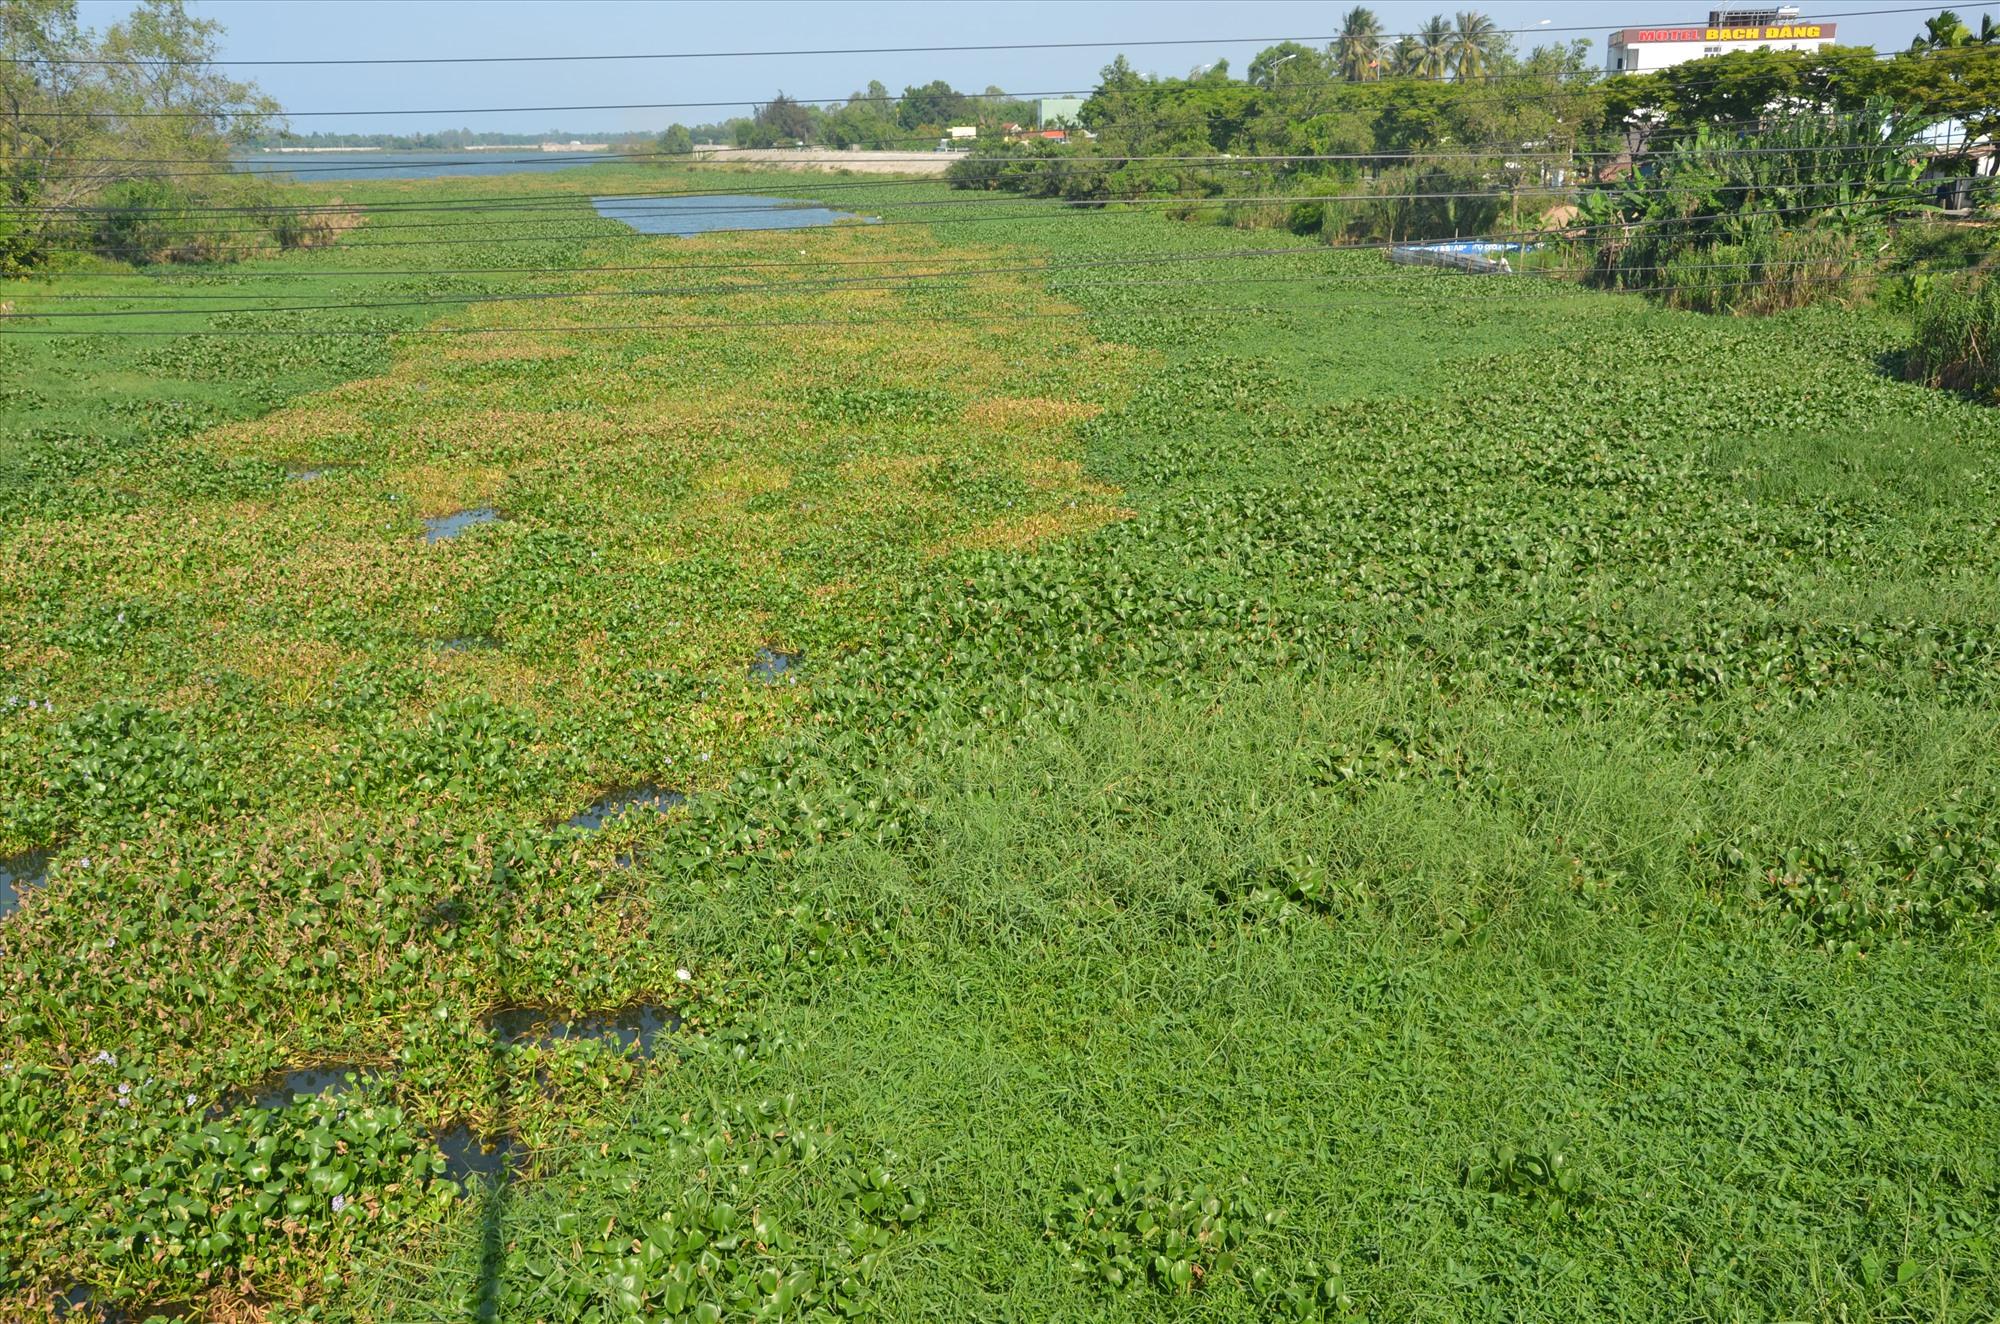 Sông Tam Kỳ bị ô nhiễm do nhiễm mặn tự nhiên. Ảnh: T.H